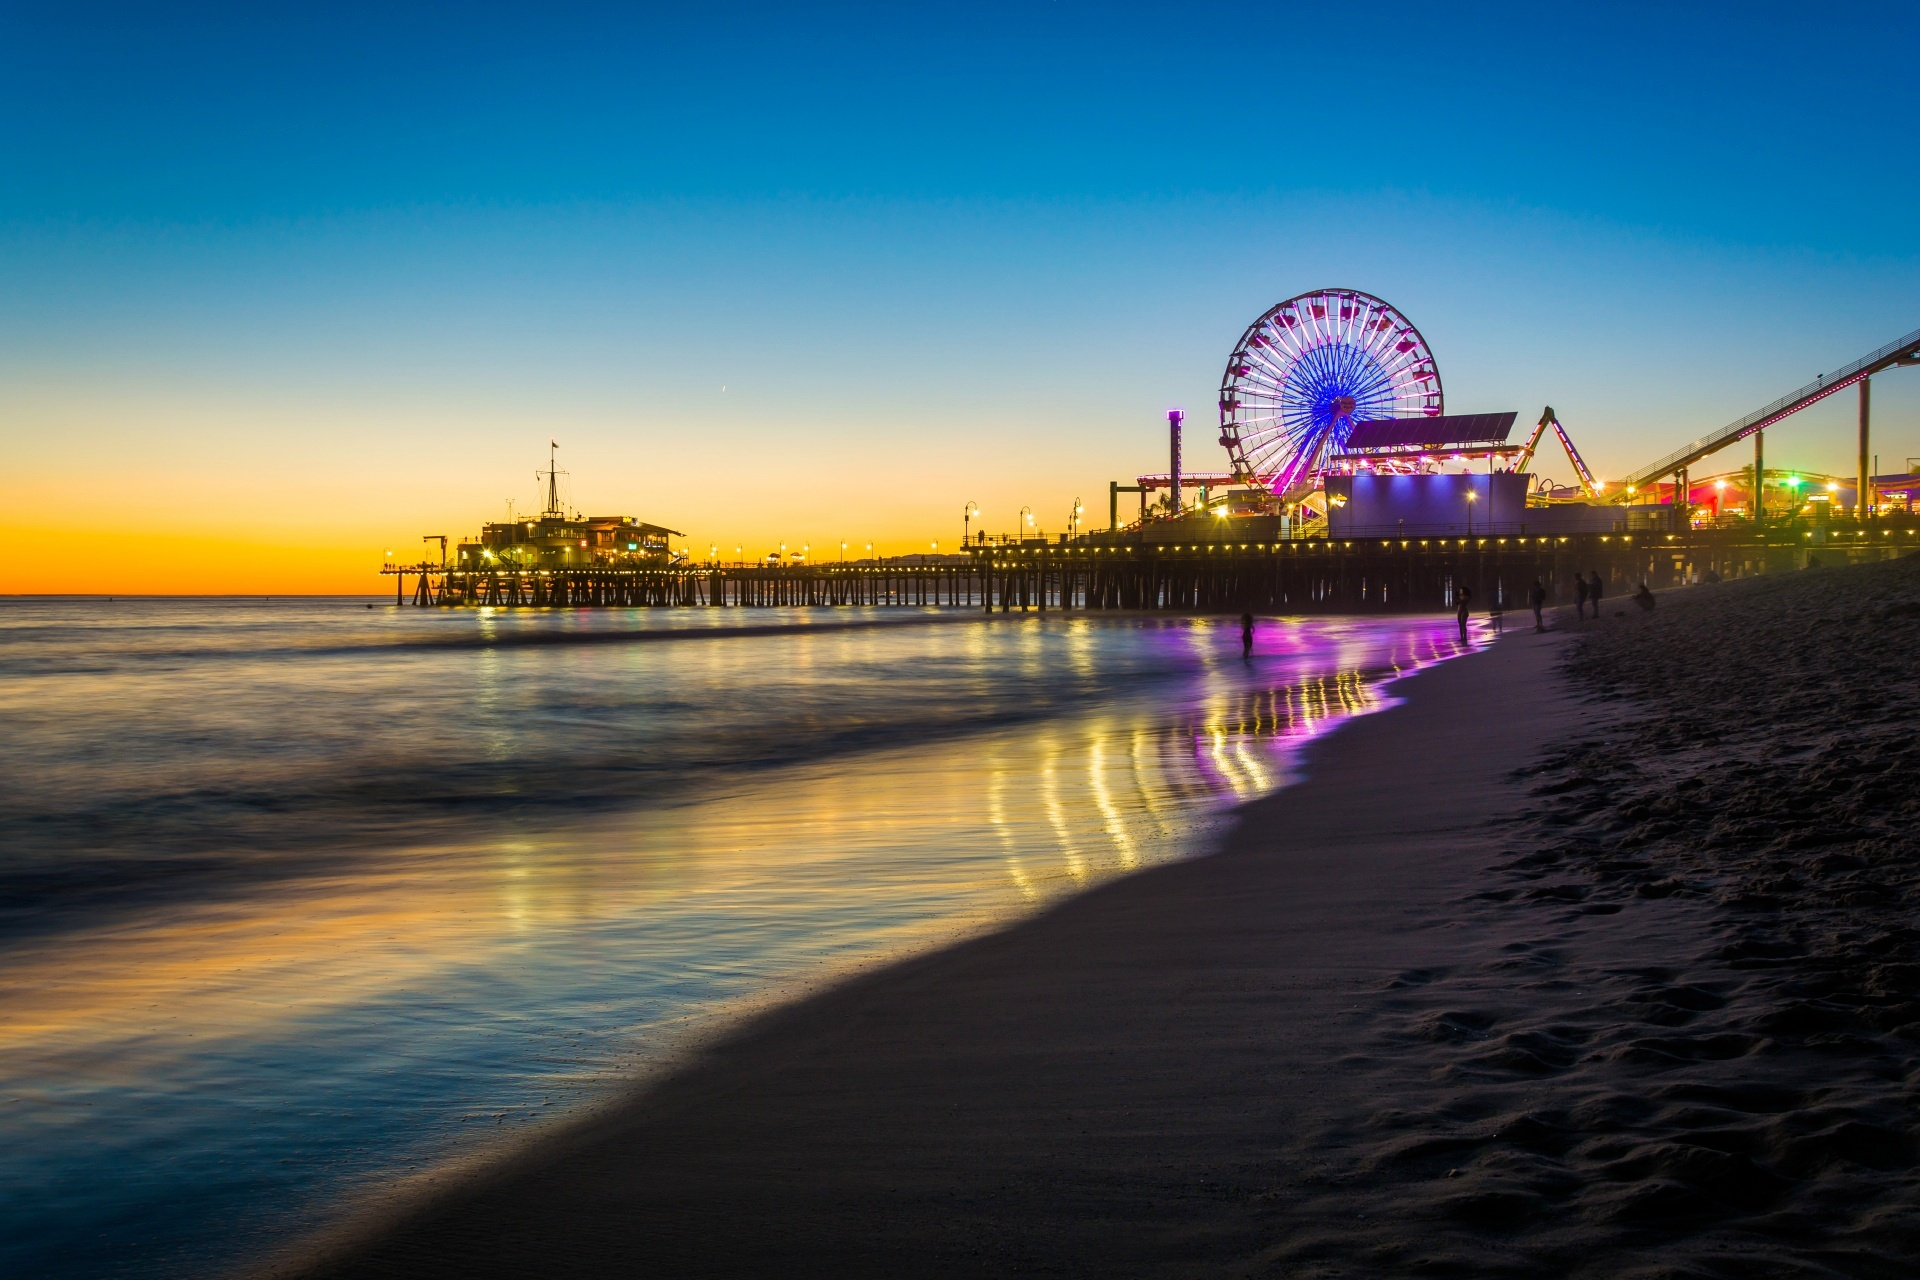 サンタモニカ ピアの夕暮れ カリフォルニアの風景 アメリカの風景